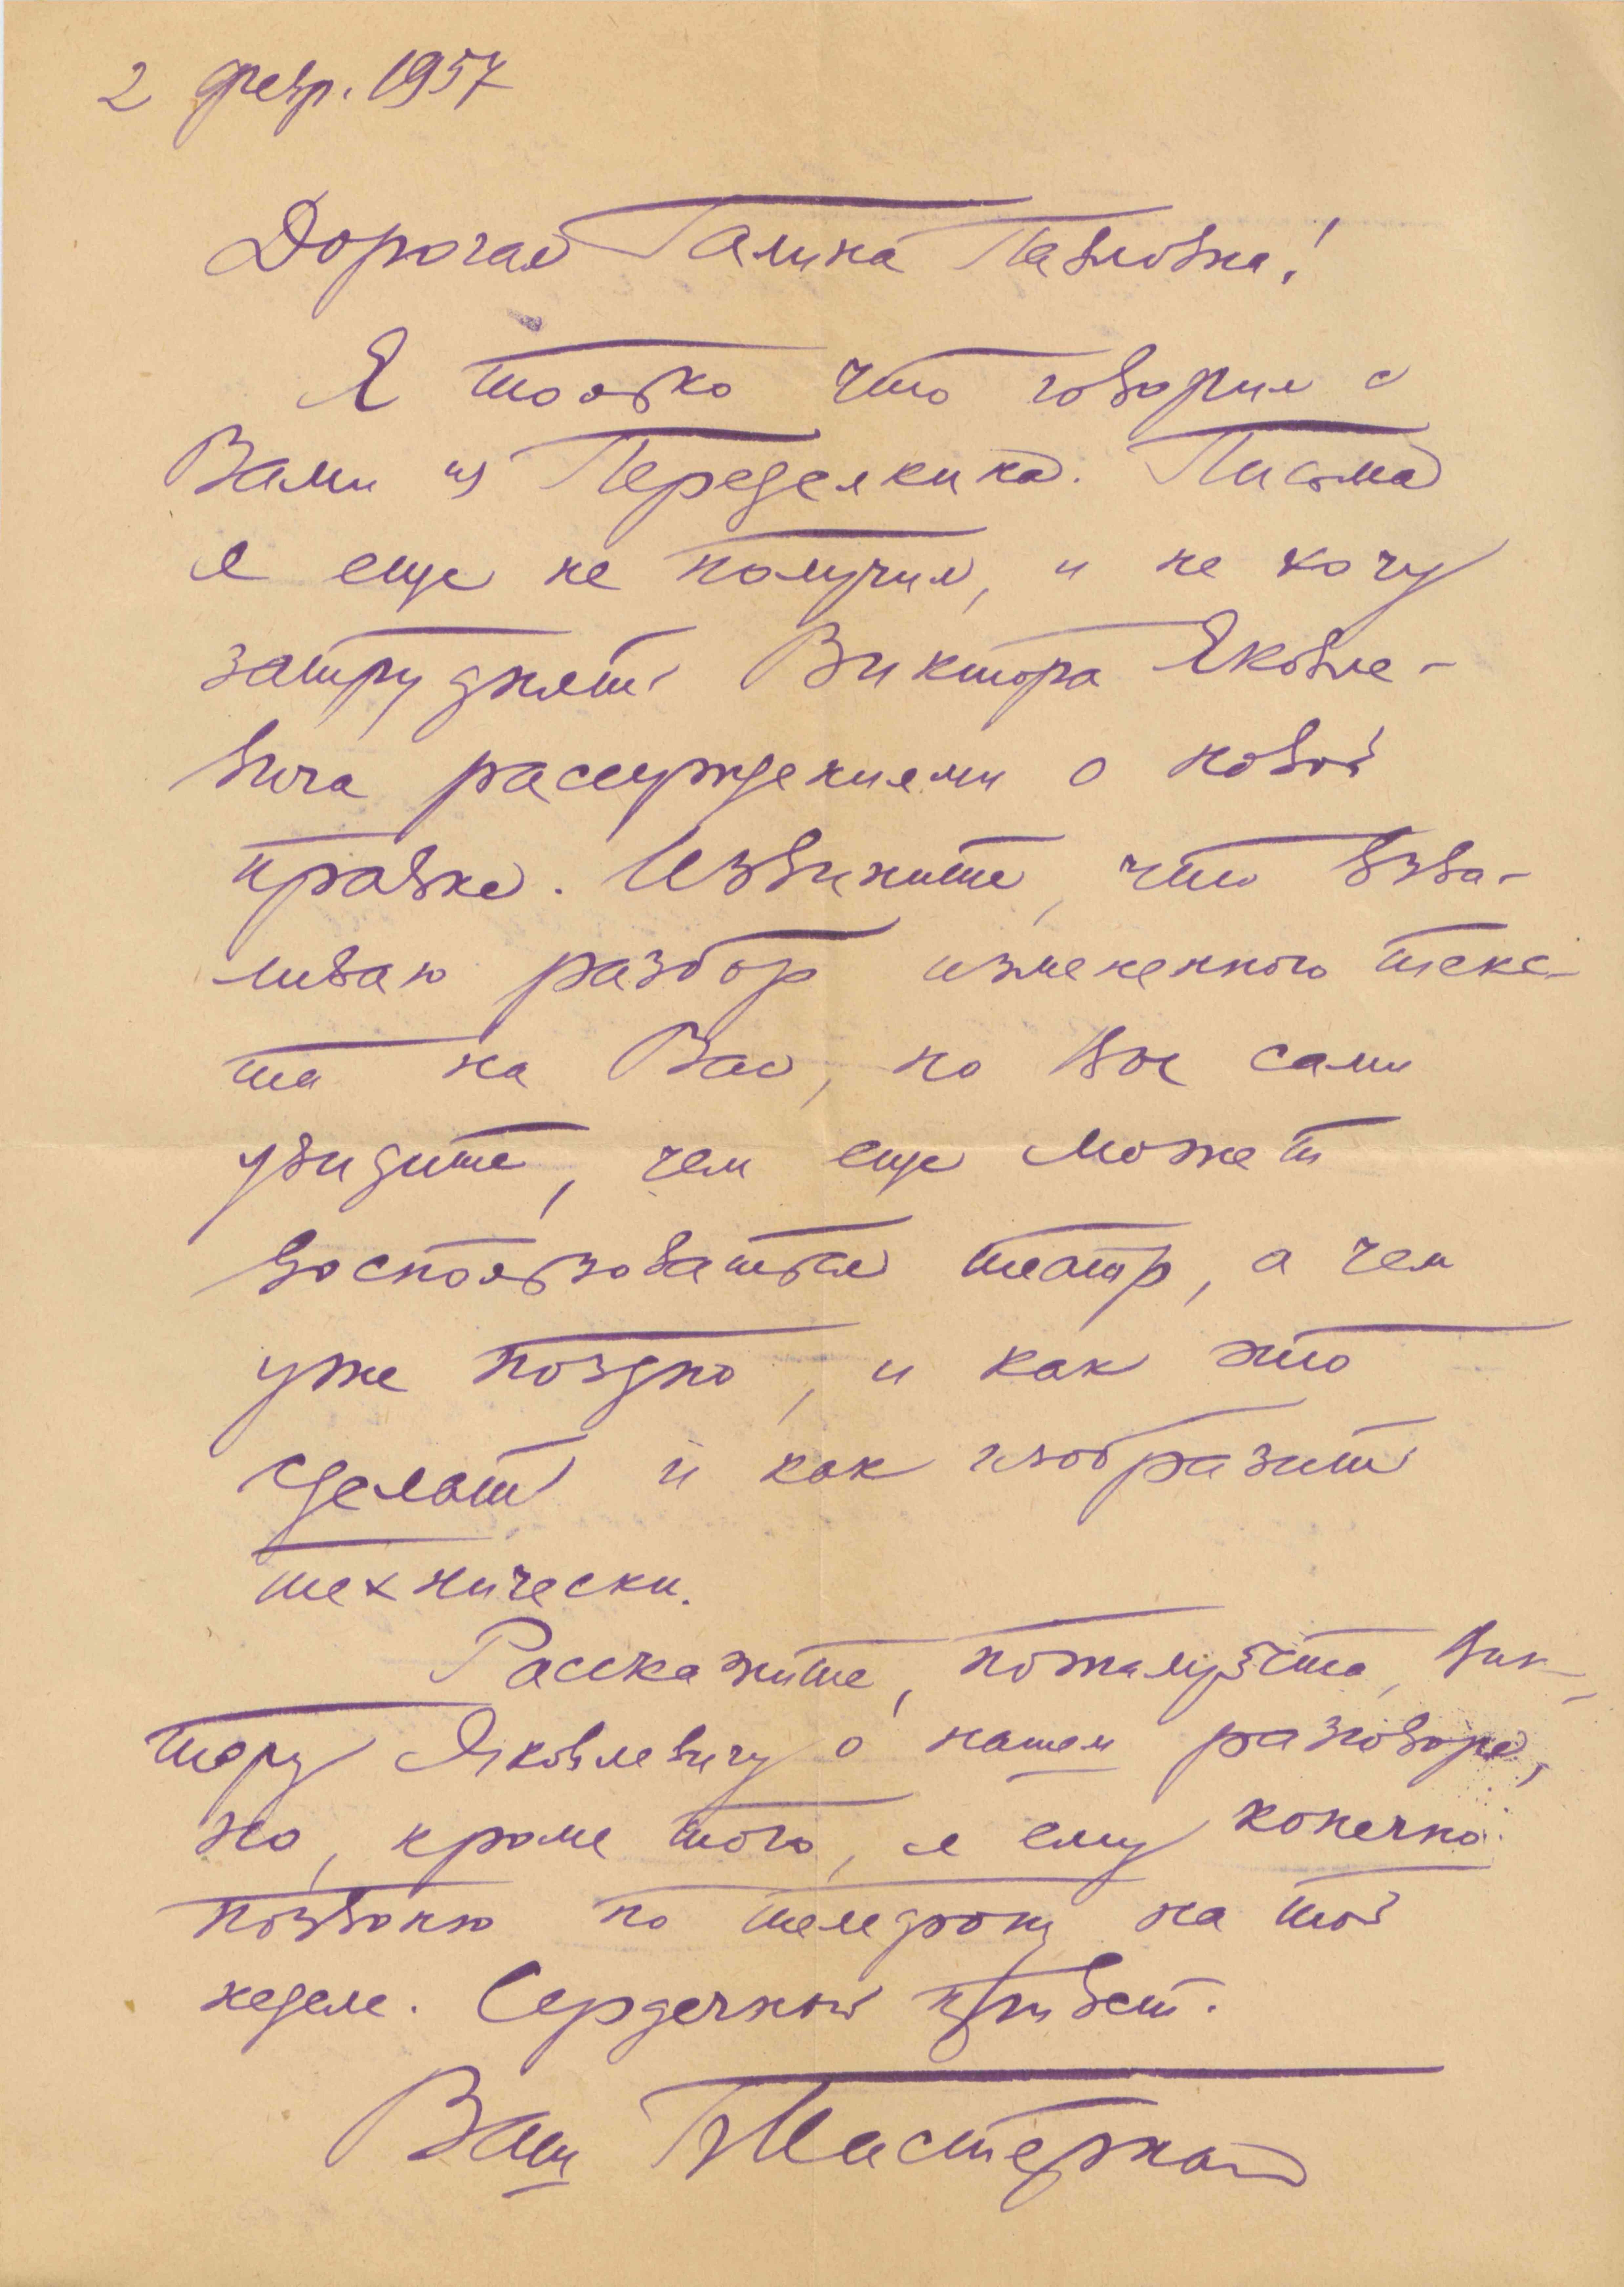 К аукциону № 174 от 22.10.2020. Лот № 363а. Пастернак, Б. [Автограф]. Личное письмо секретарю В.Я.Станицына. 2 февраля 1957.